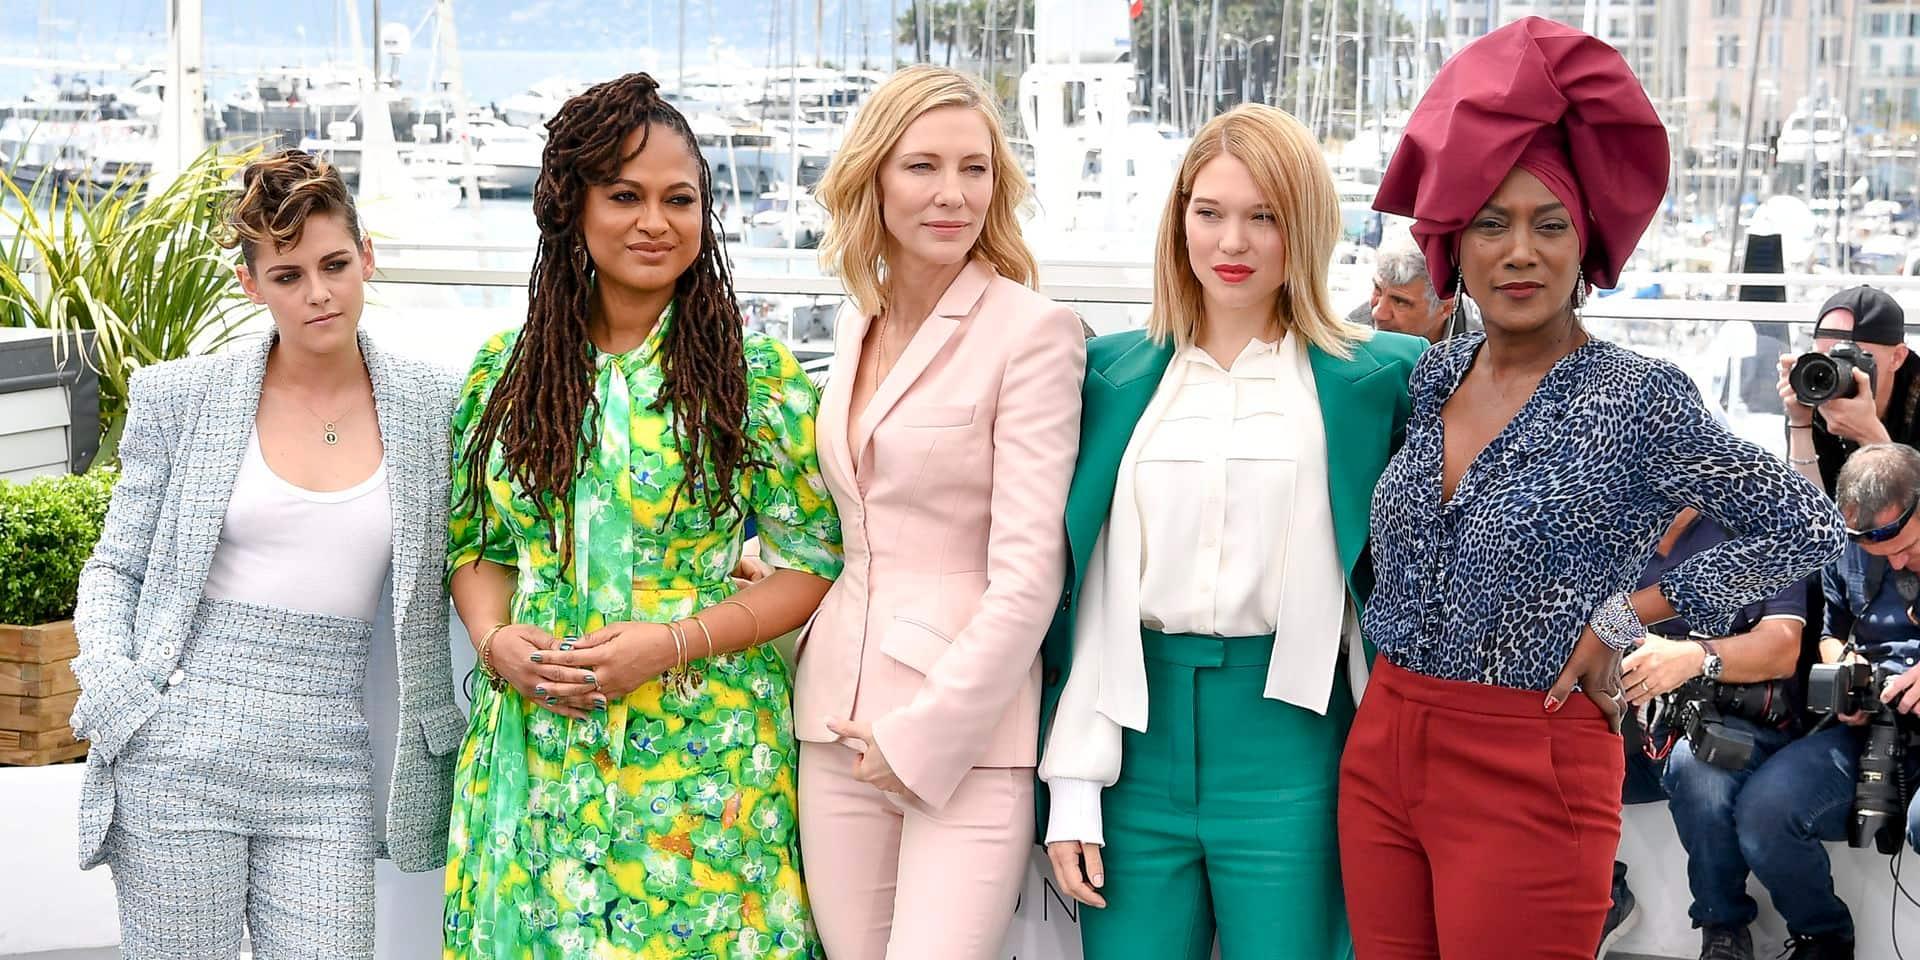 Les femmes prennent le pouvoir à Cannes avec une montée des marches inédite